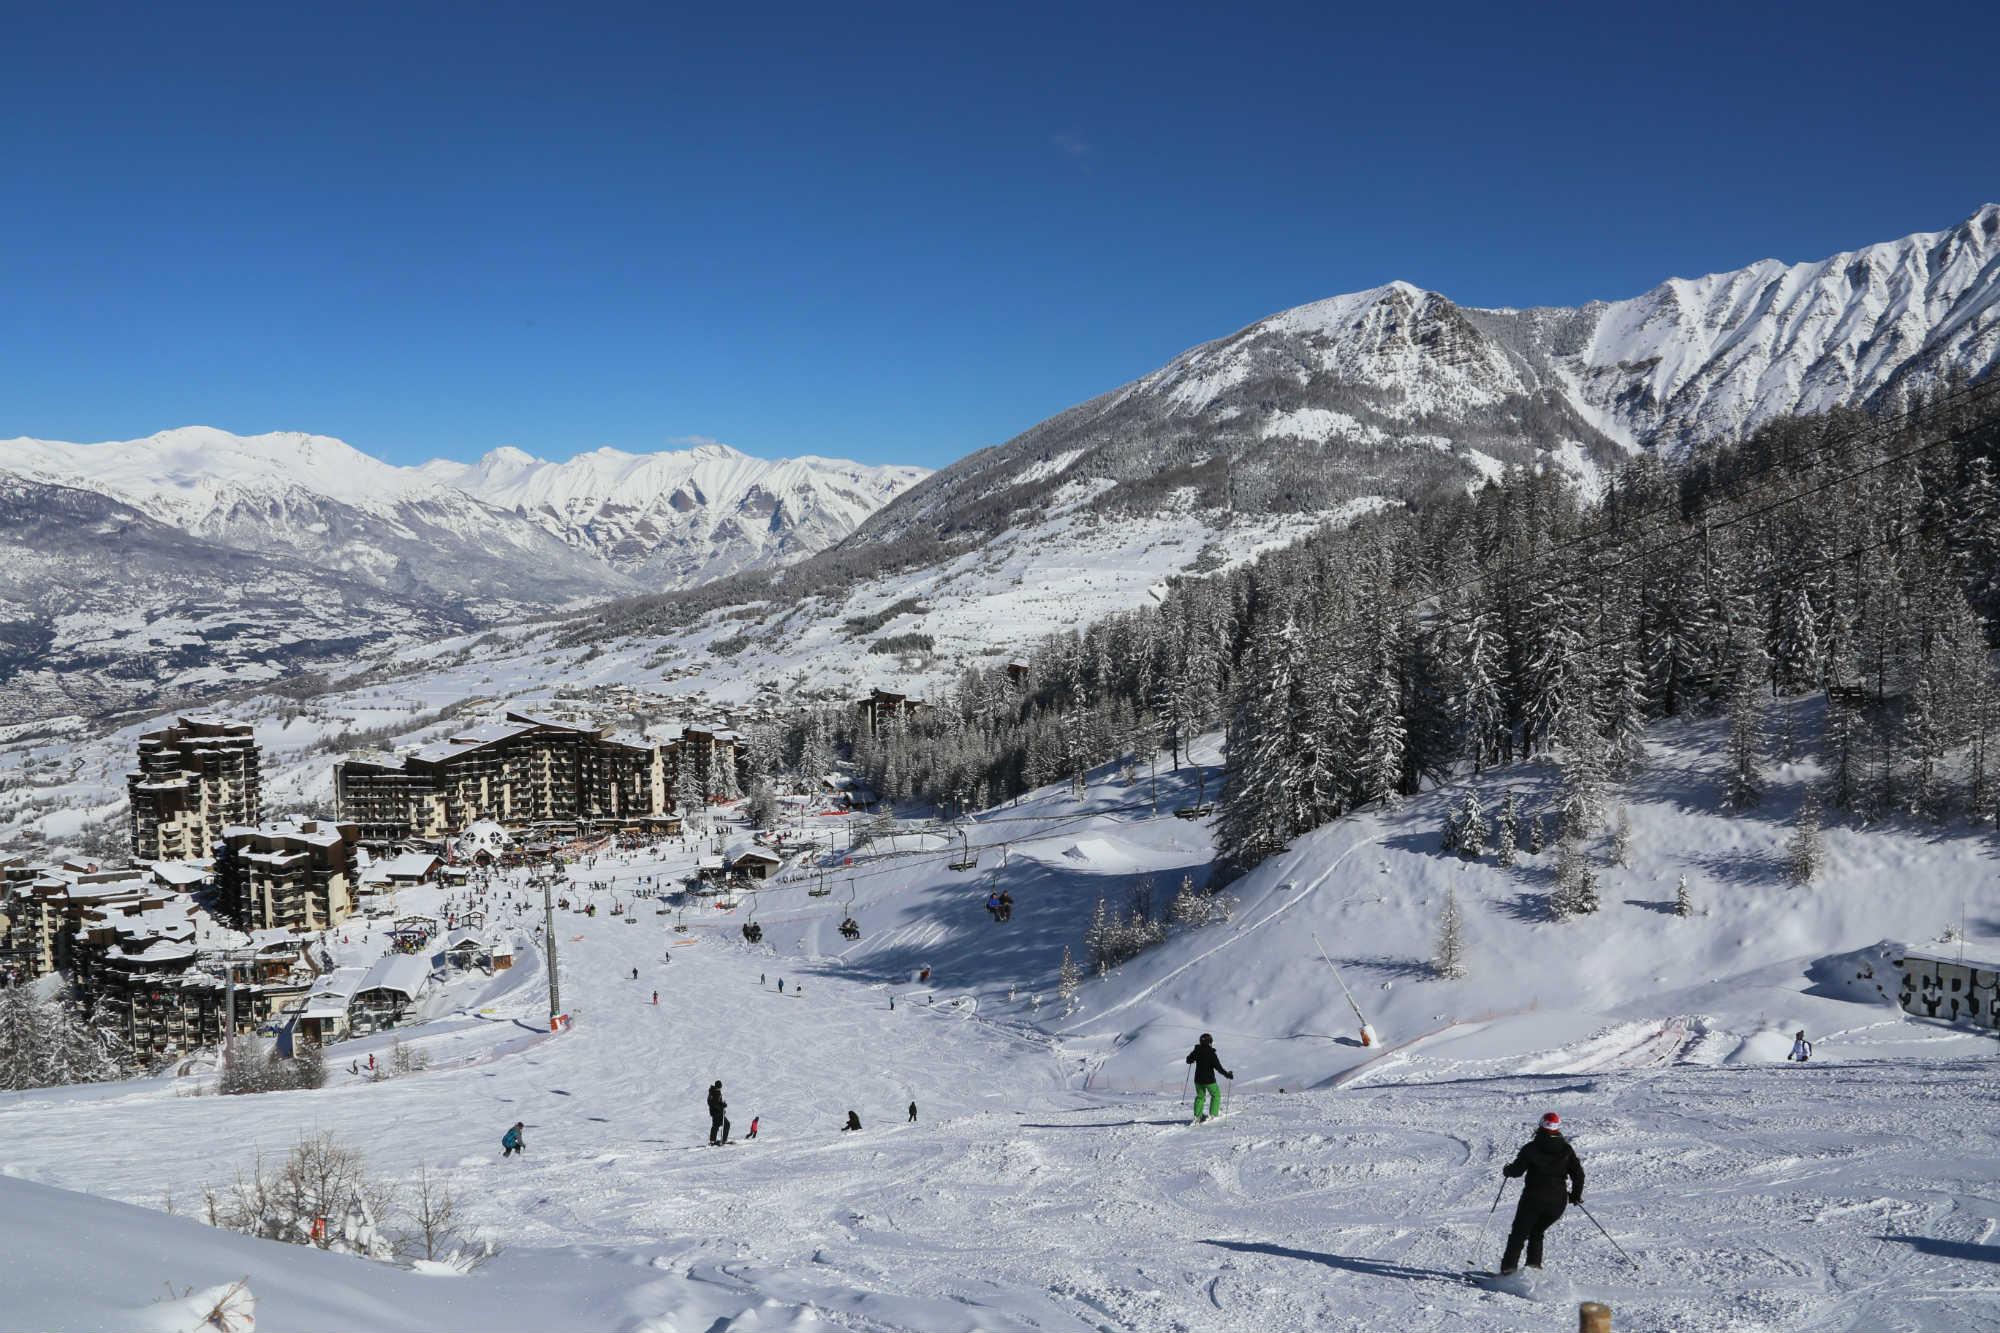 Des skieurs descendent une piste de ski en direction du village Les Orres 1650 sous un grand ciel bleu.